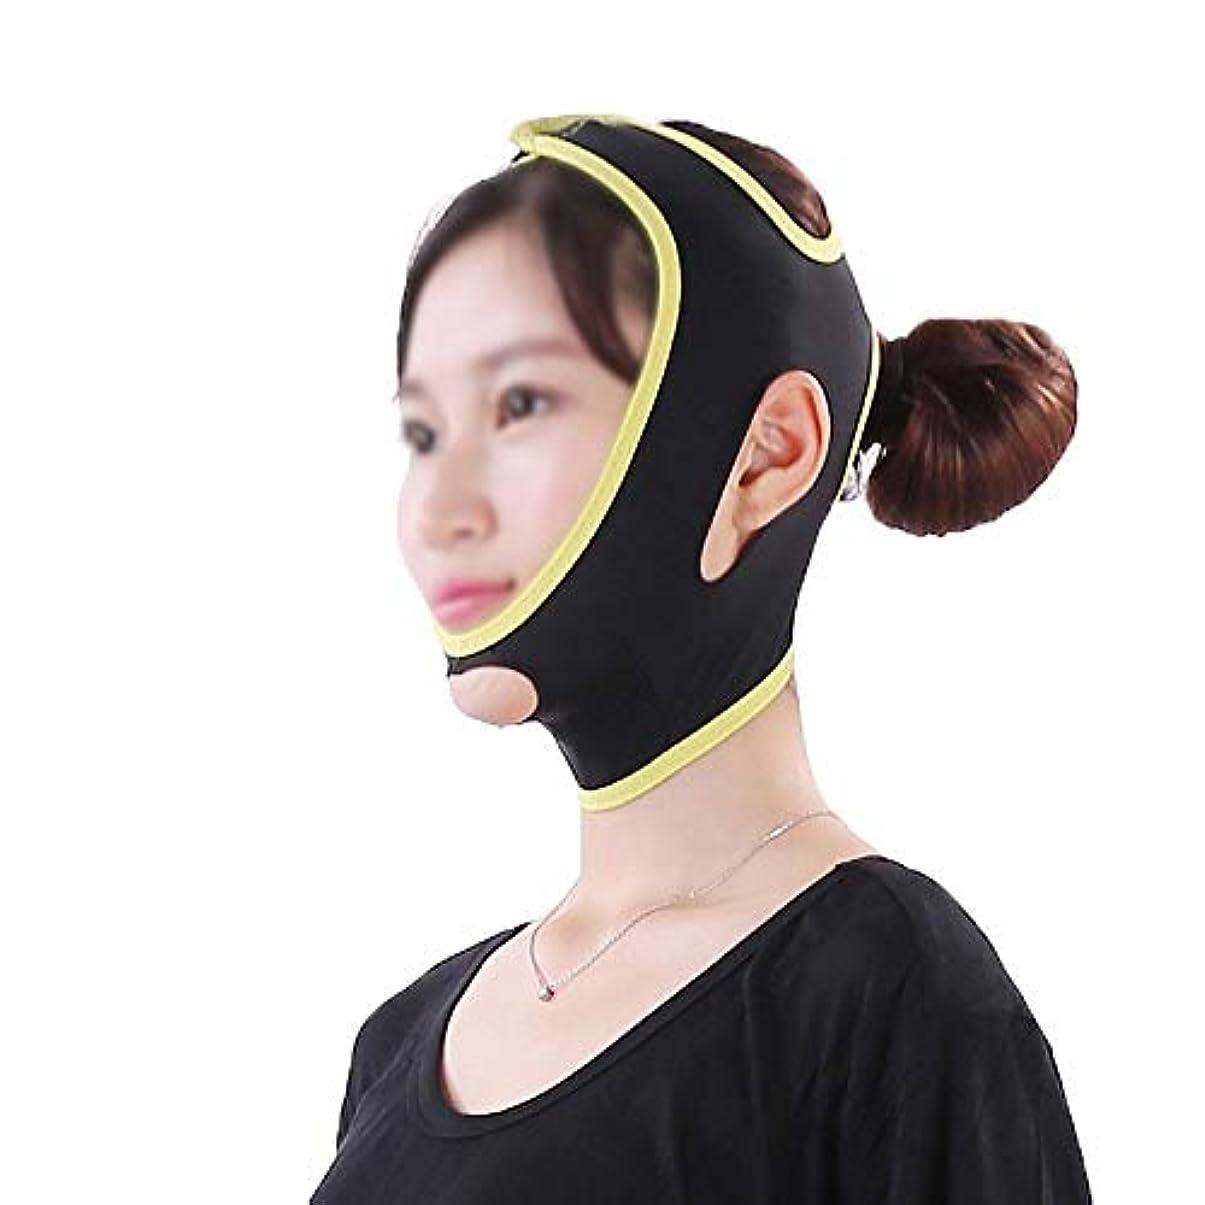 限りなく解決グローブTLMY フェイス&ネックリフトシンフェイスマスクパワフルマスクフェイスリフトアーチファクトフェイスリフトフェイスツールシンフェイス包帯シンフェイスマスク美容マスク 顔用整形マスク (Size : L)